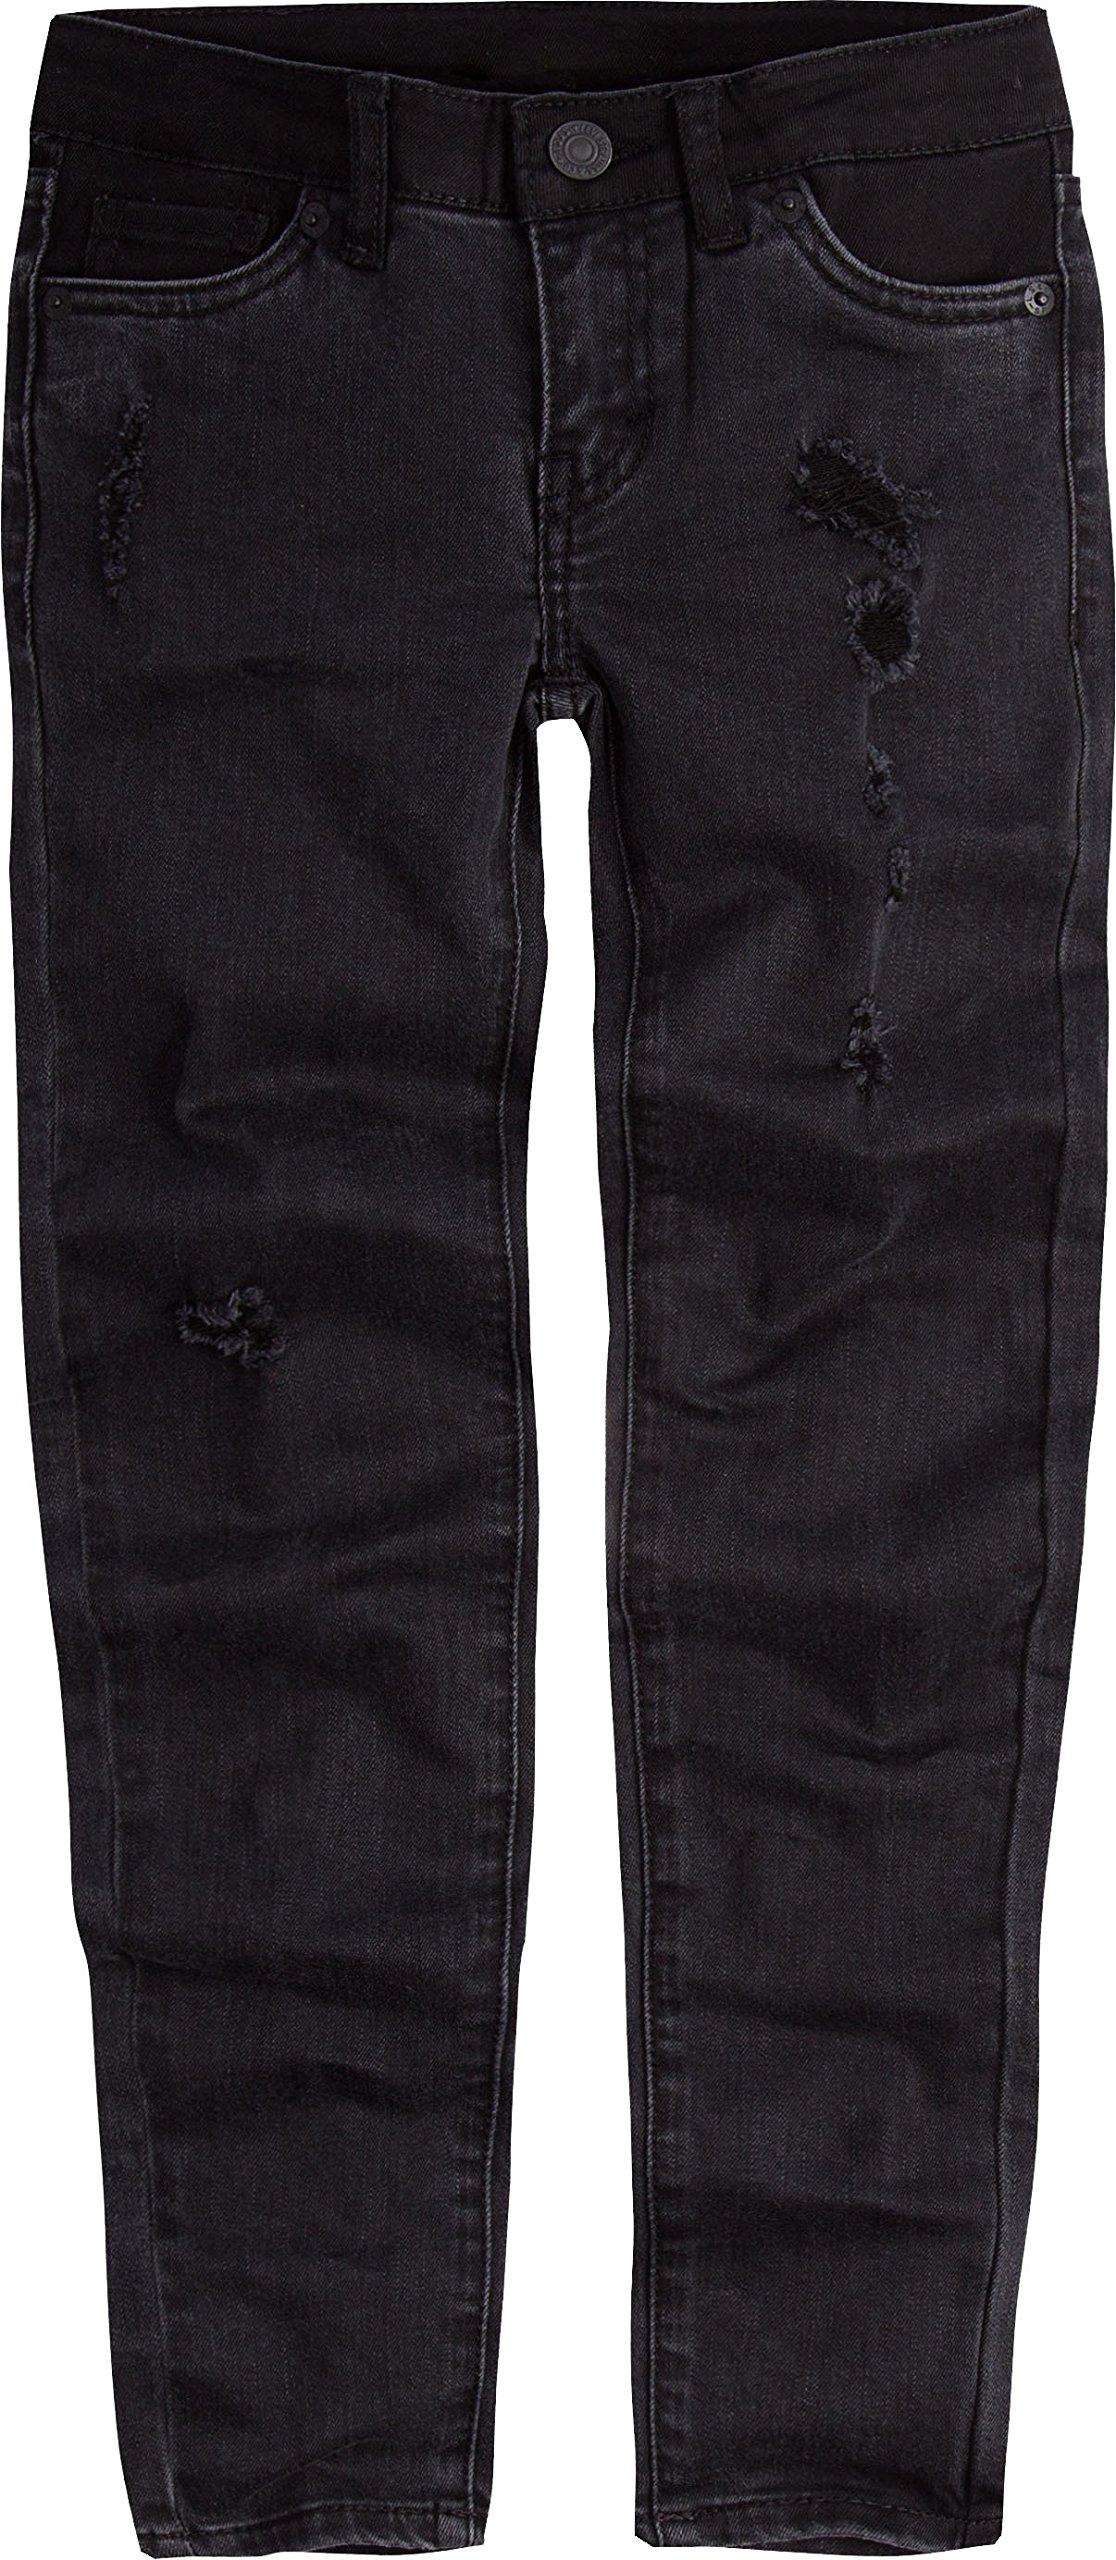 Levi's Girls' Big 710 Super Skinny Fit Jeans, Jet